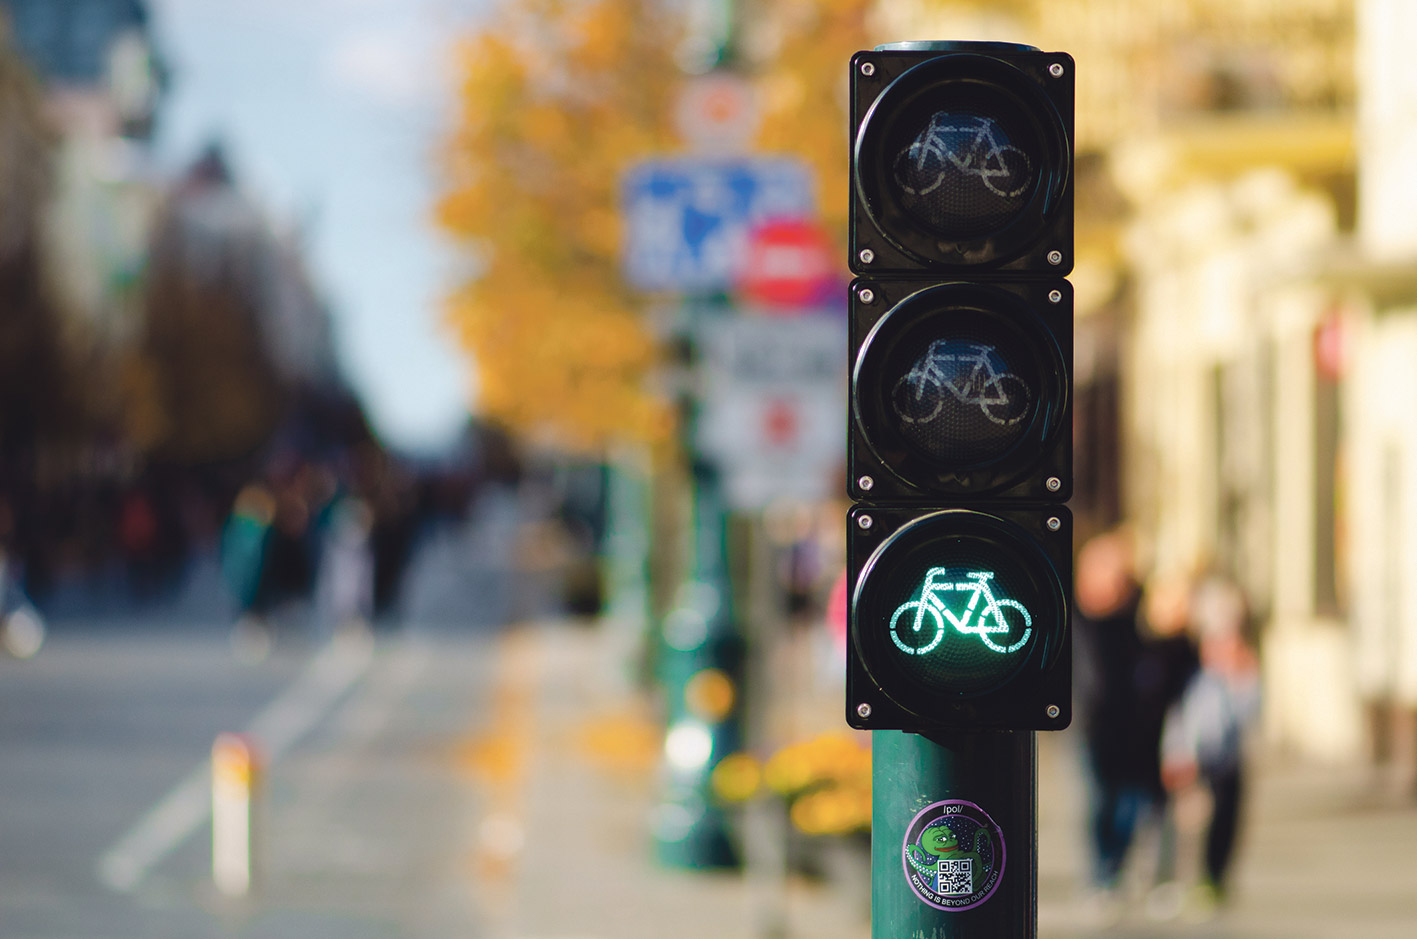 Eine Radfahrampel zeigt grünes Licht.